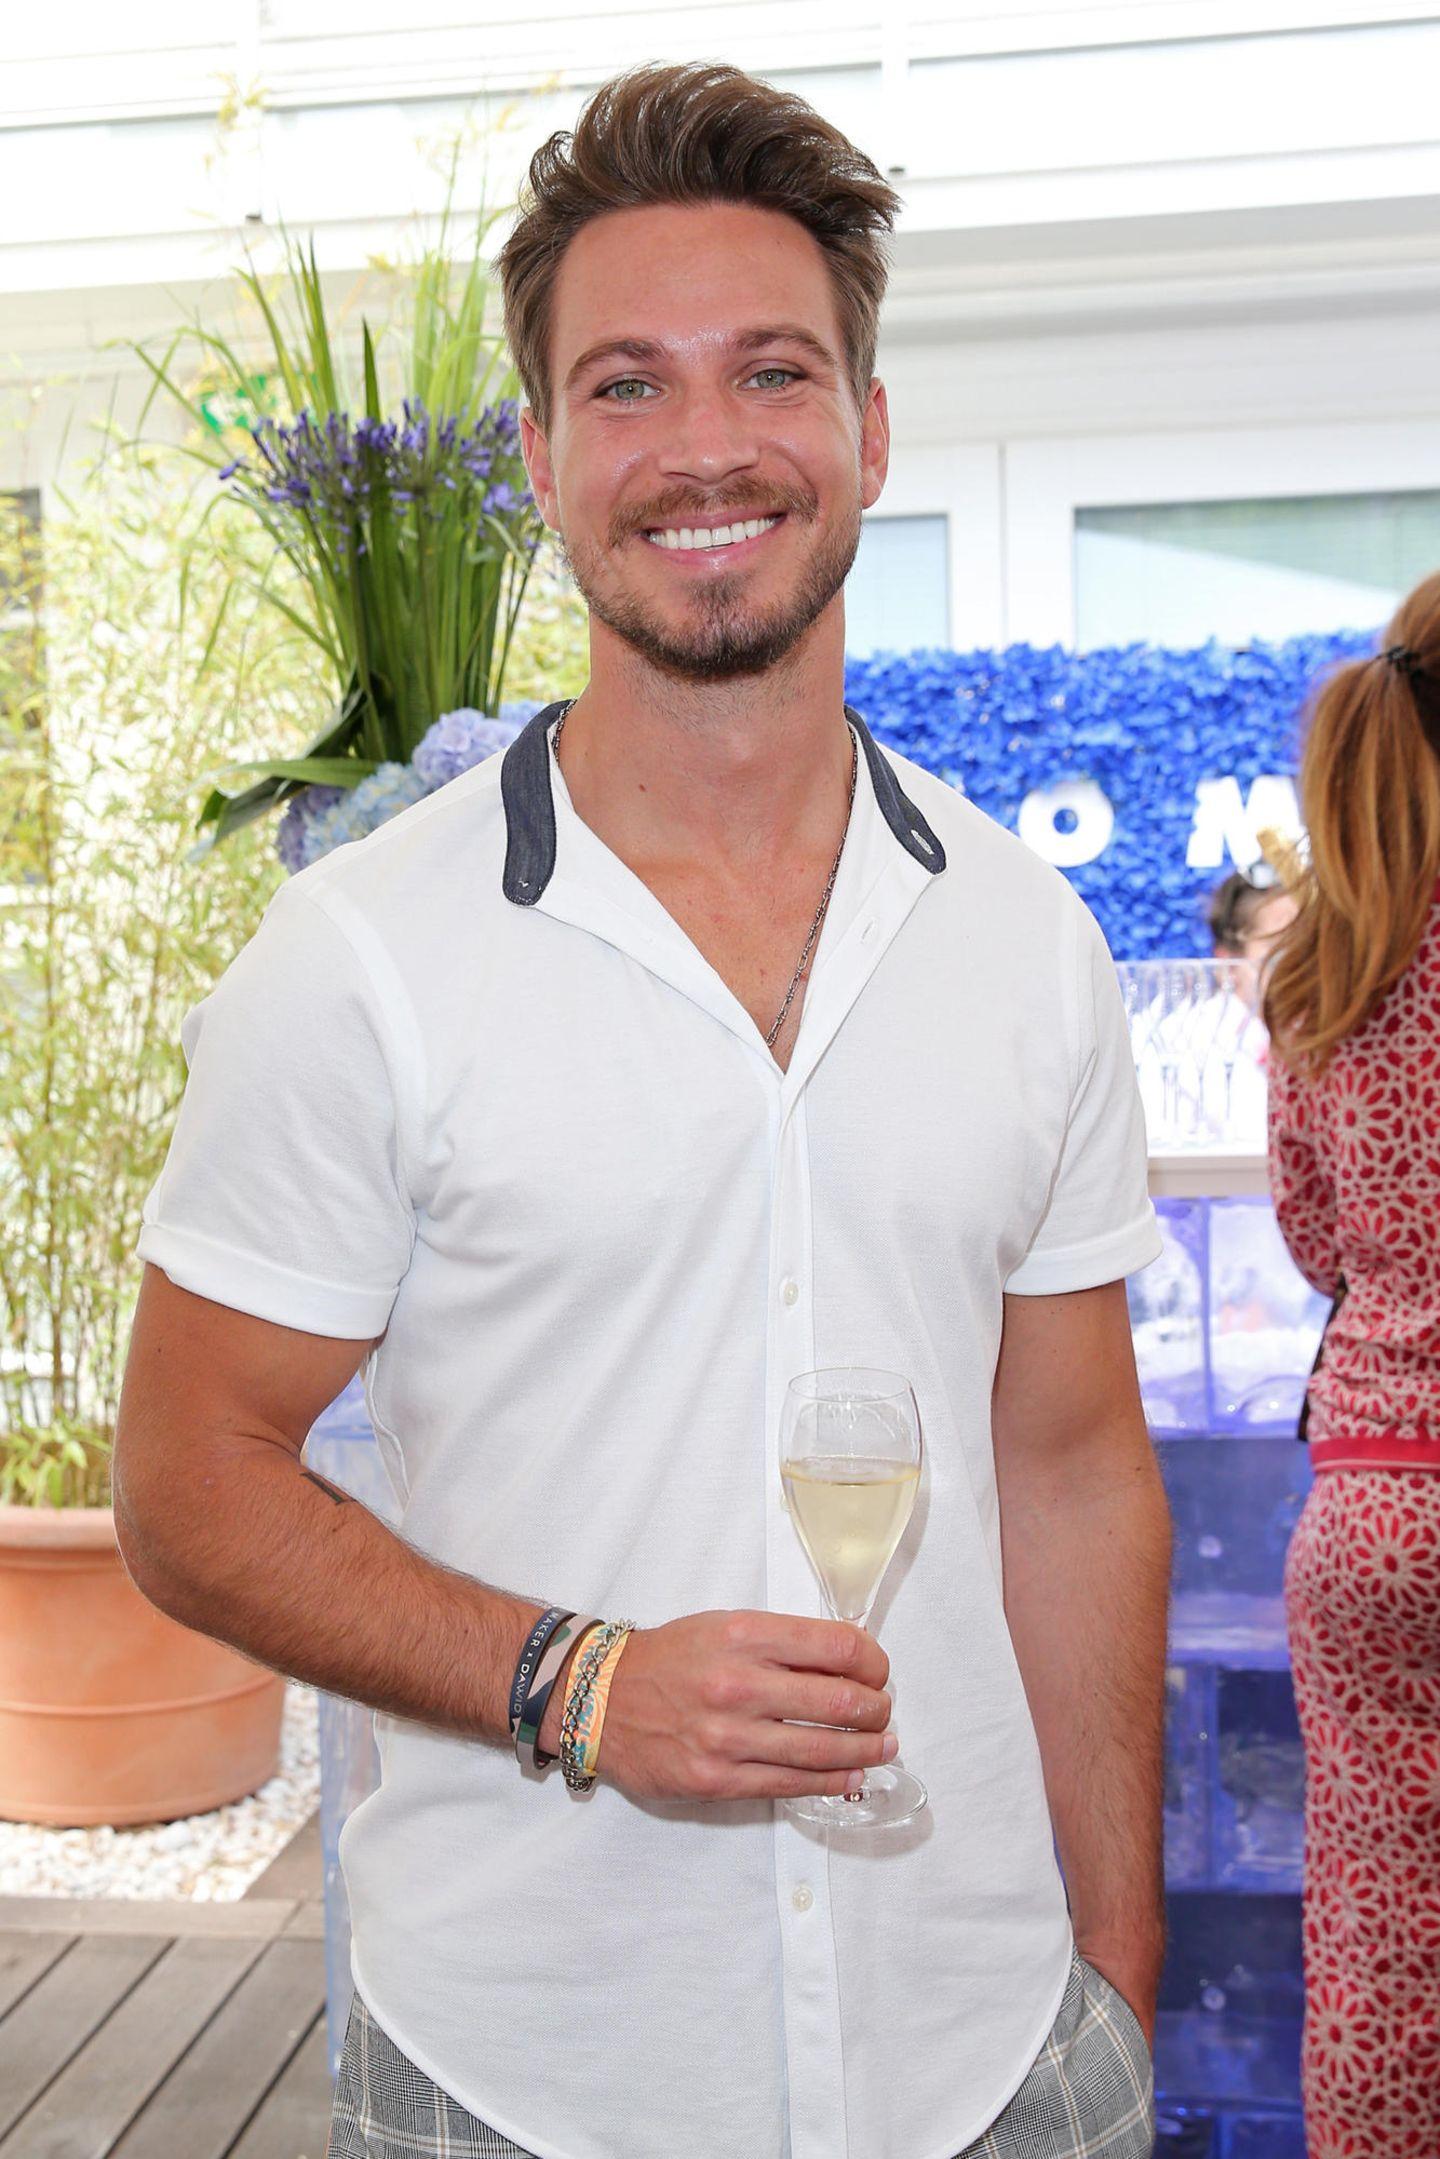 Neu-Single Sebastian Pannek kommt mit einem Gläschen Champagner von Pommery vielleicht wieder in Flirtlaune?